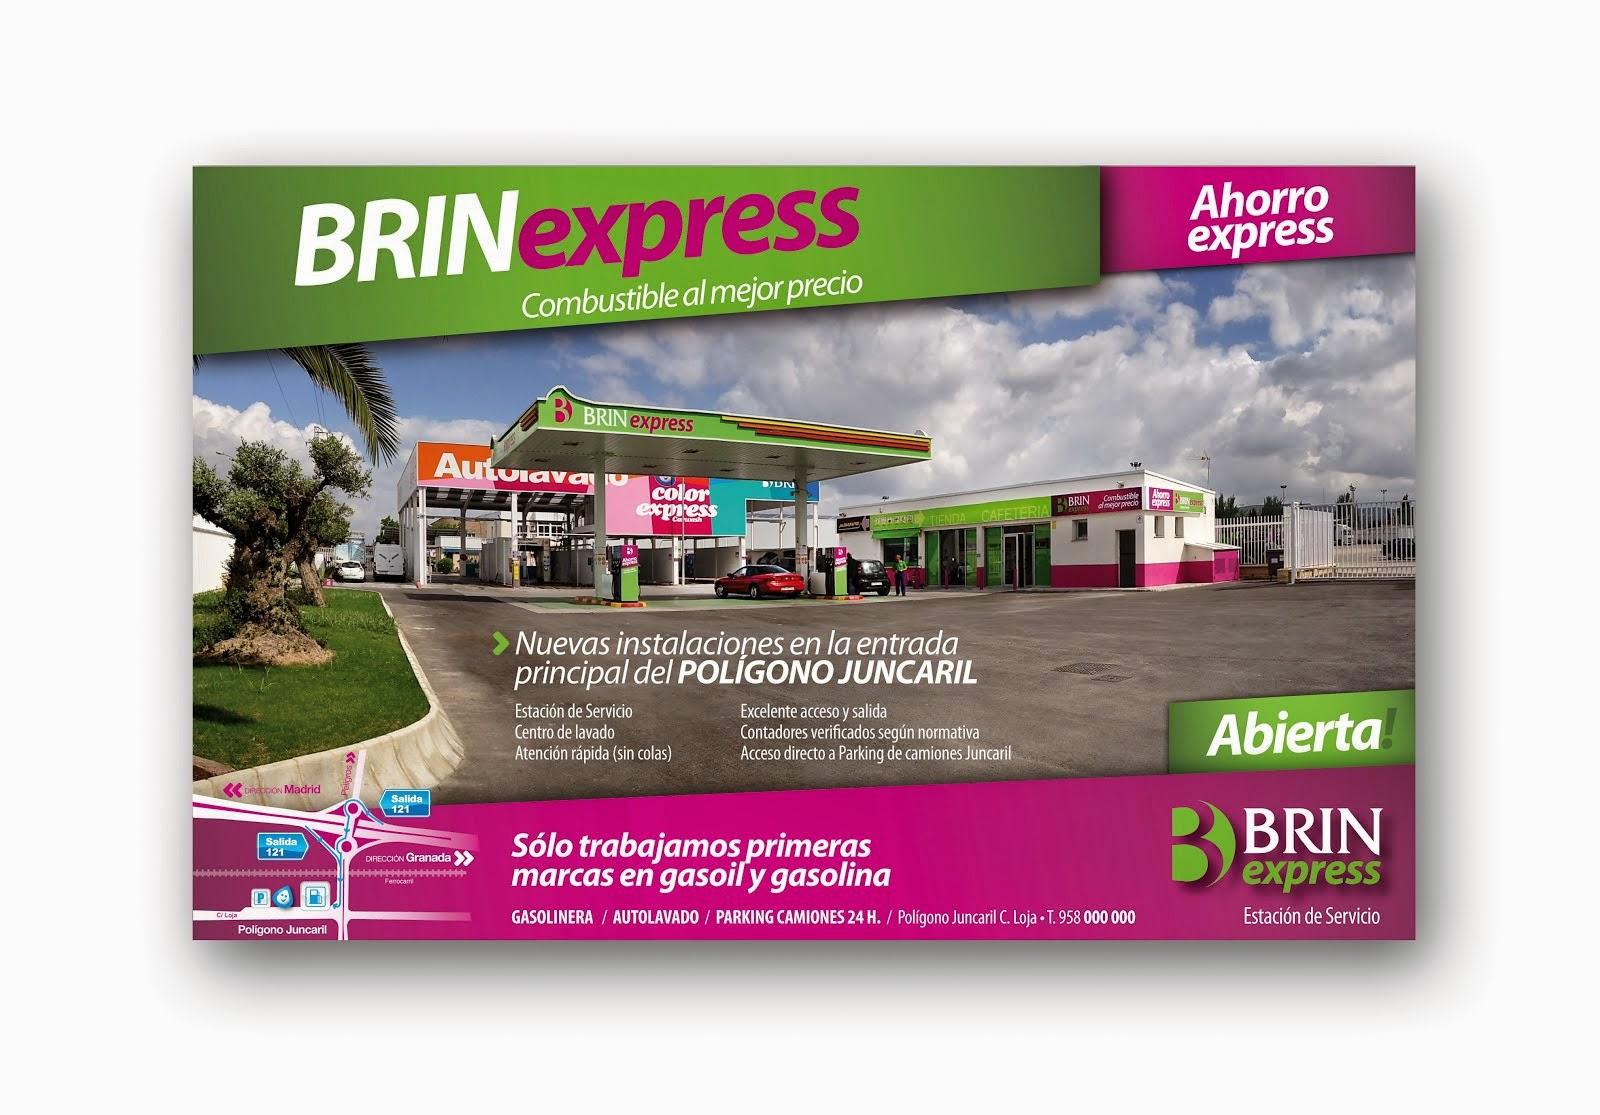 Somos BRINexpress, tu Estación de Servicio solidaria.